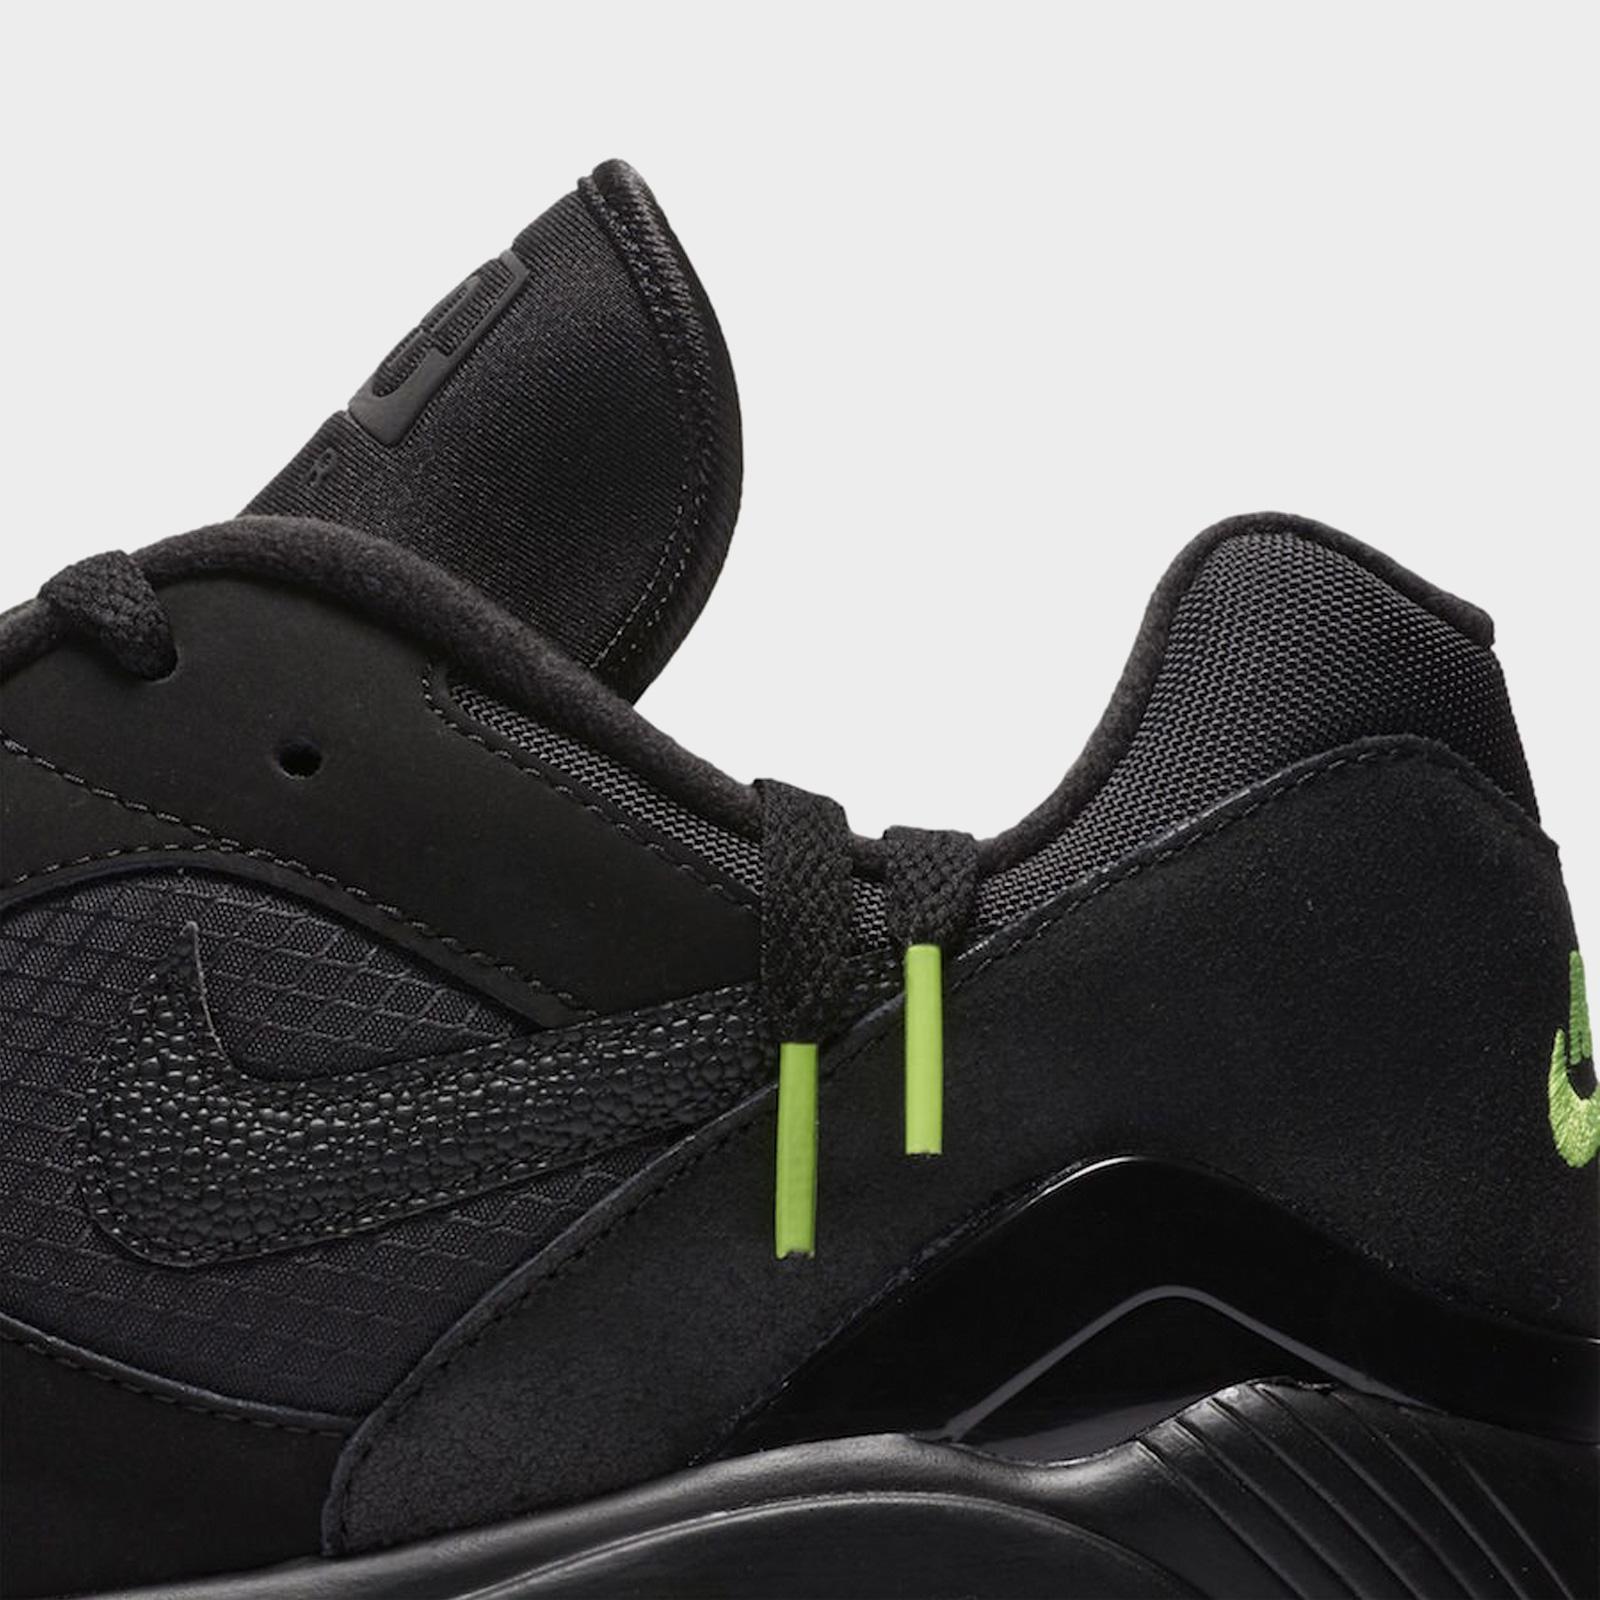 Nike Air Max 180 Night Ops - Aq6104-001 - Sneakersnstuff  93f008480